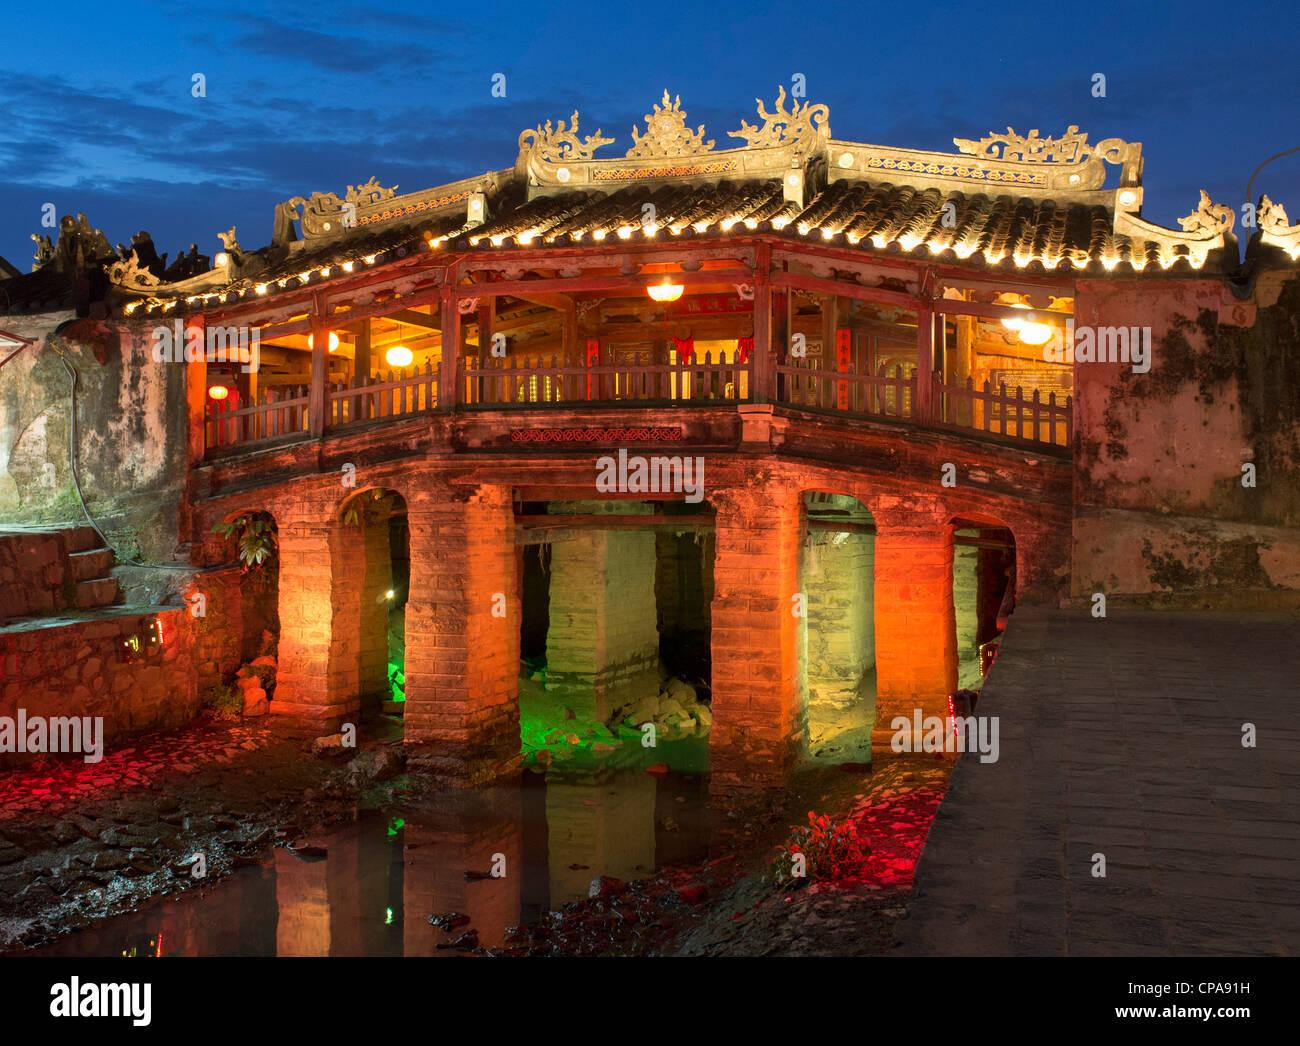 Vista de noche iluminada del histórico puente cubierto japonés en la UNESCO patrimonio antiguo de Hoian Imagen De Stock